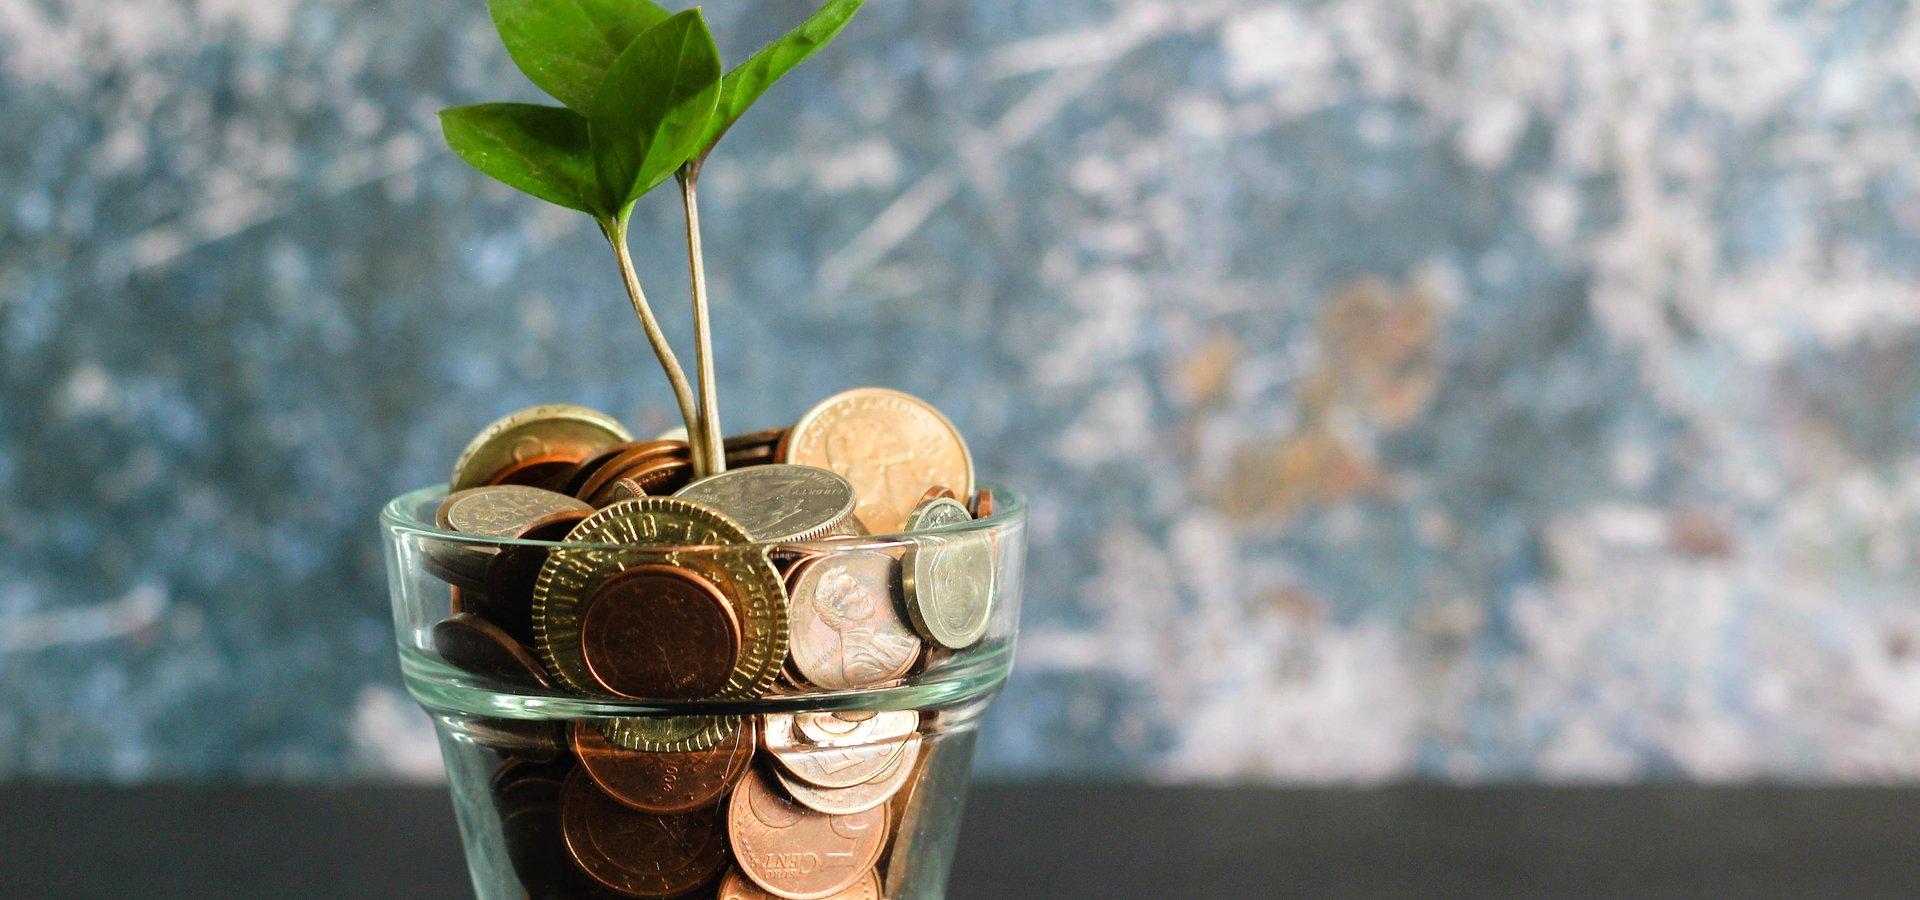 5 najlepszych postanowień na 2021 - jak skutecznie zaoszczędzić?